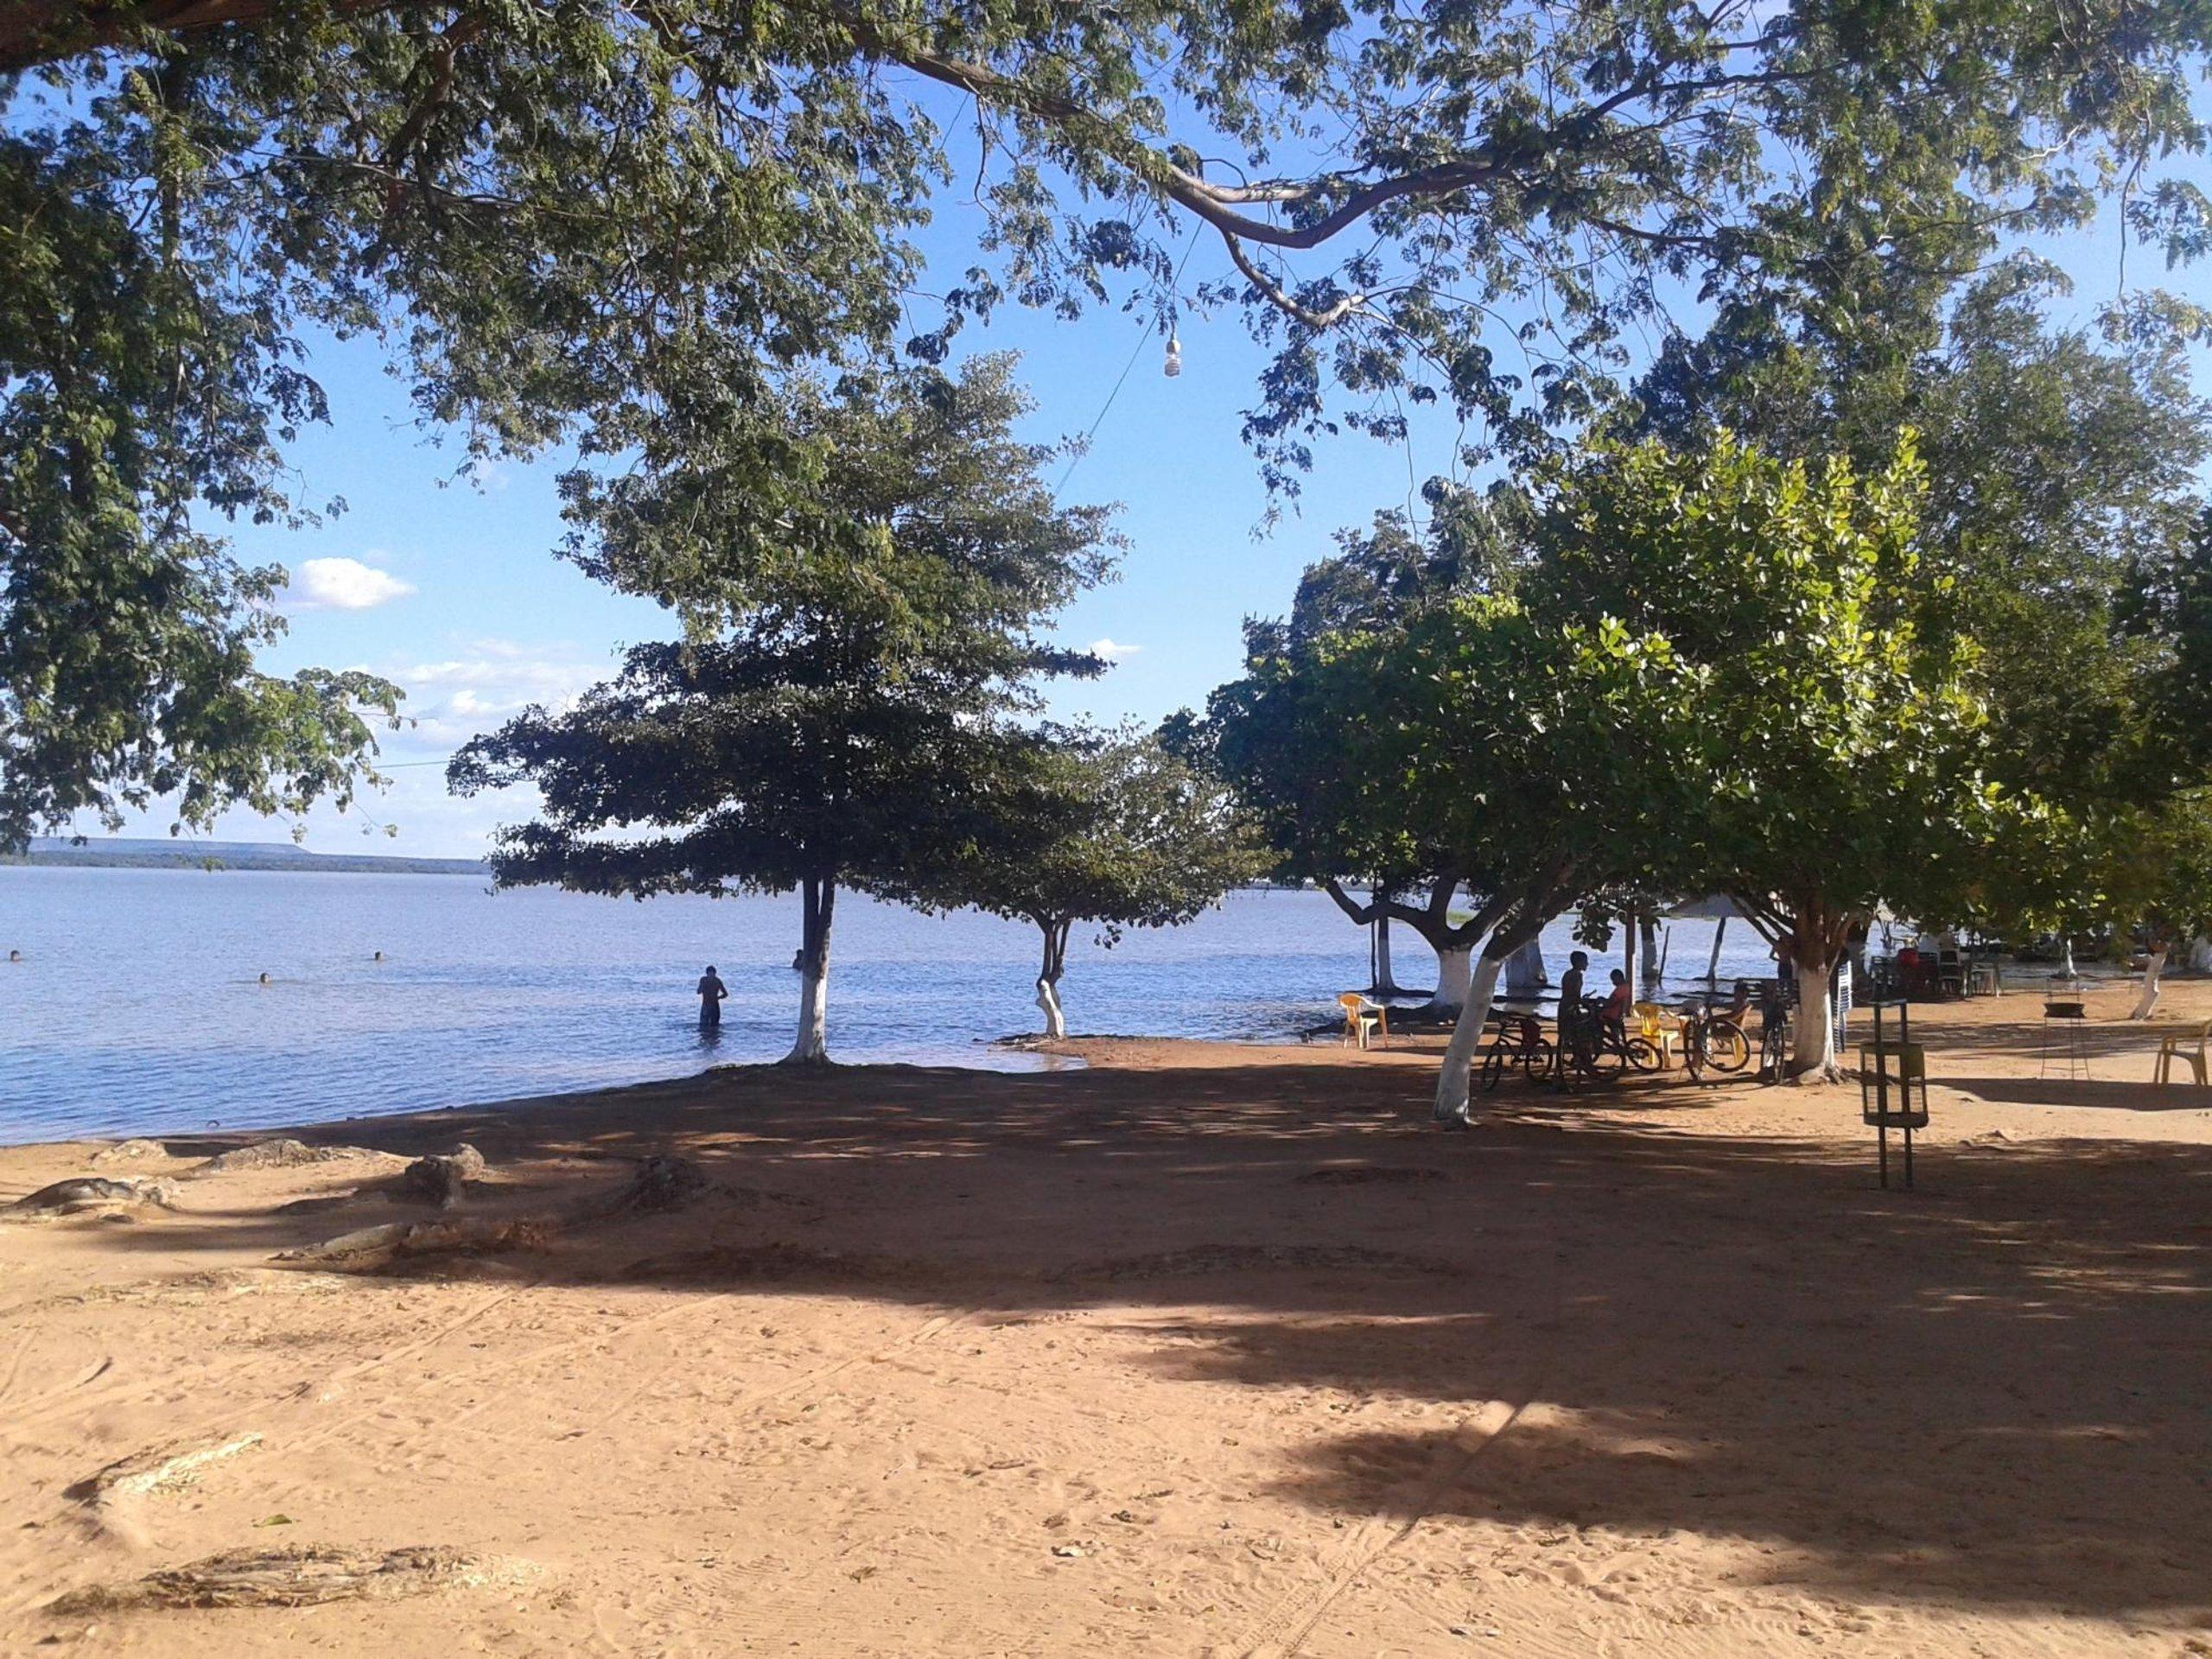 Nova Iorque Maranhão fonte: media-cdn.tripadvisor.com